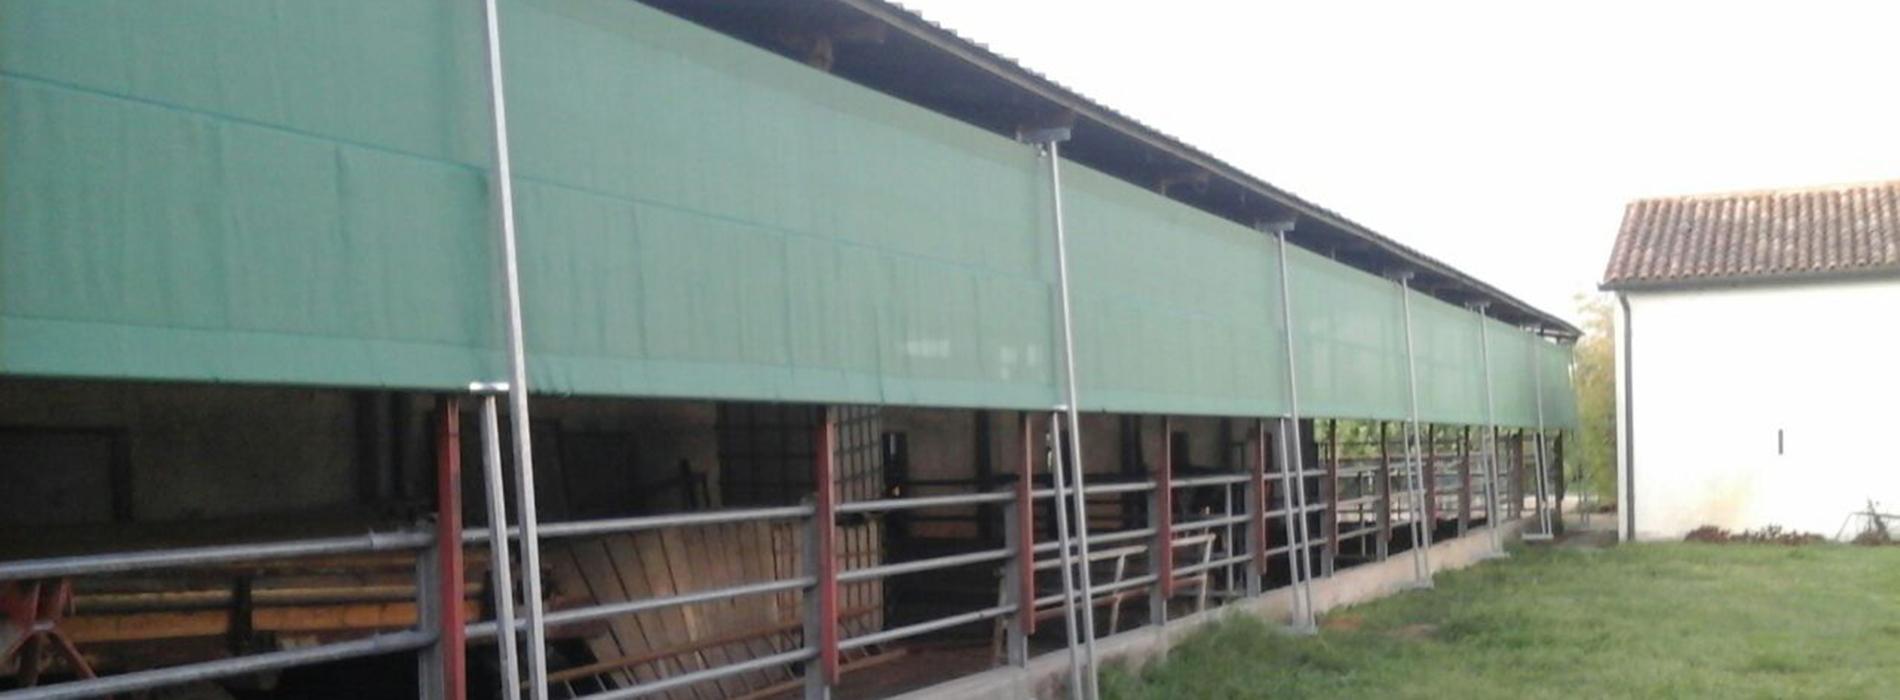 reti frangivento e ombreggianti per stalle